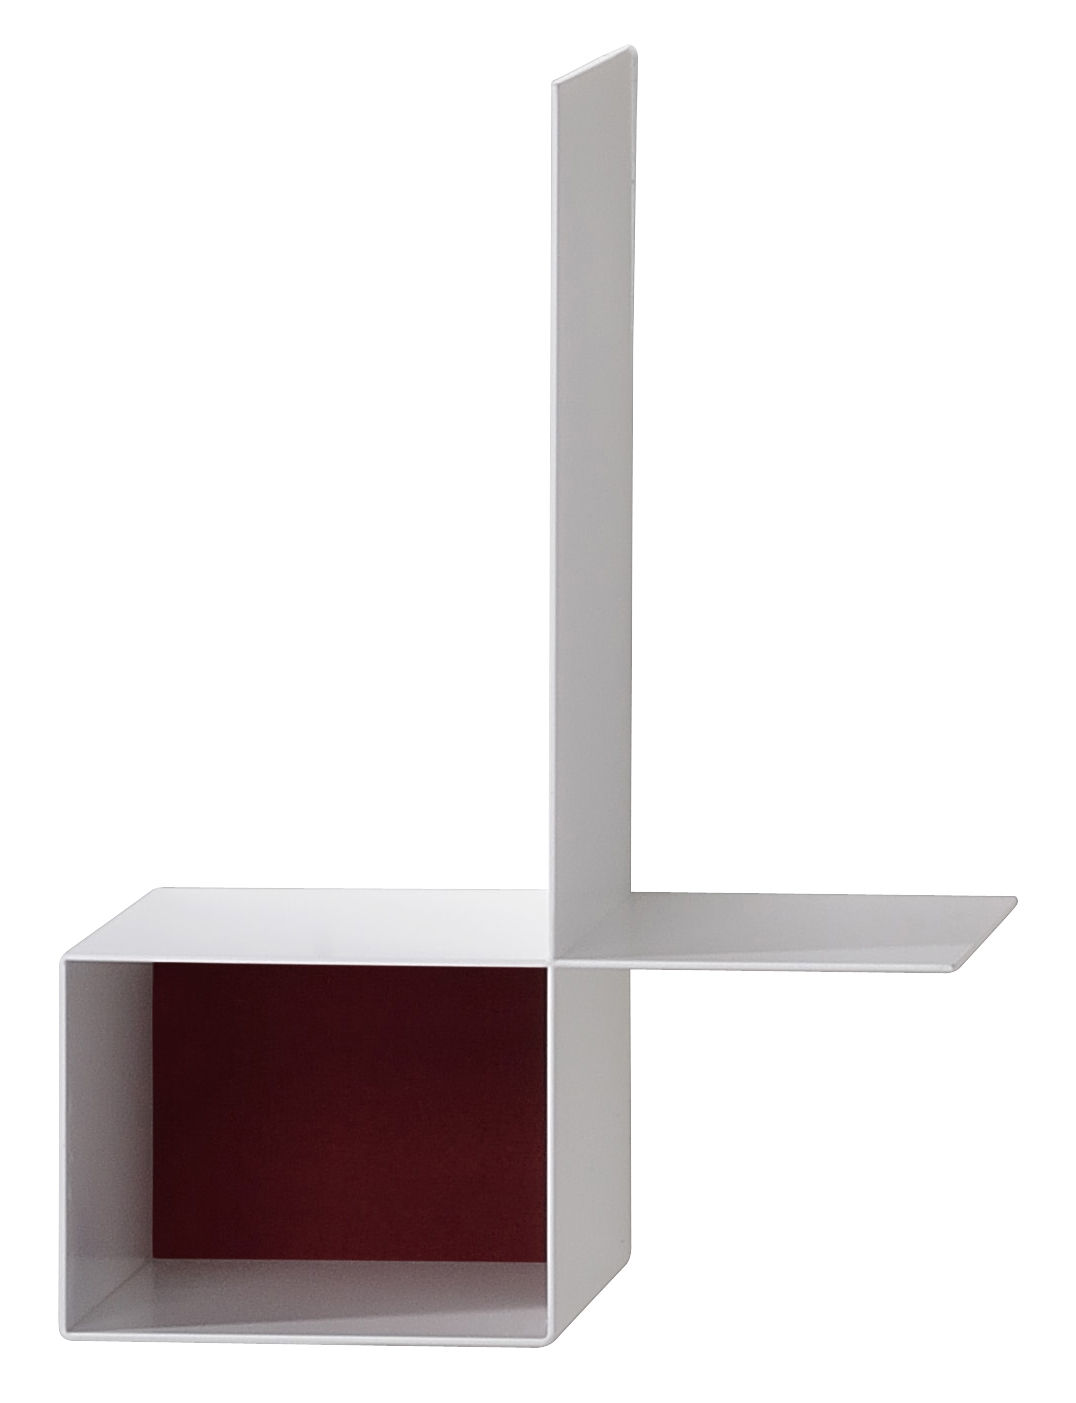 Mobilier - Etagères & bibliothèques - Etagère Randomissimo - Module B / Droite - L 34 cm - MDF Italia - Gauche - Blanc mat / Rouge - Fibre artificielle, Tôle d'acier